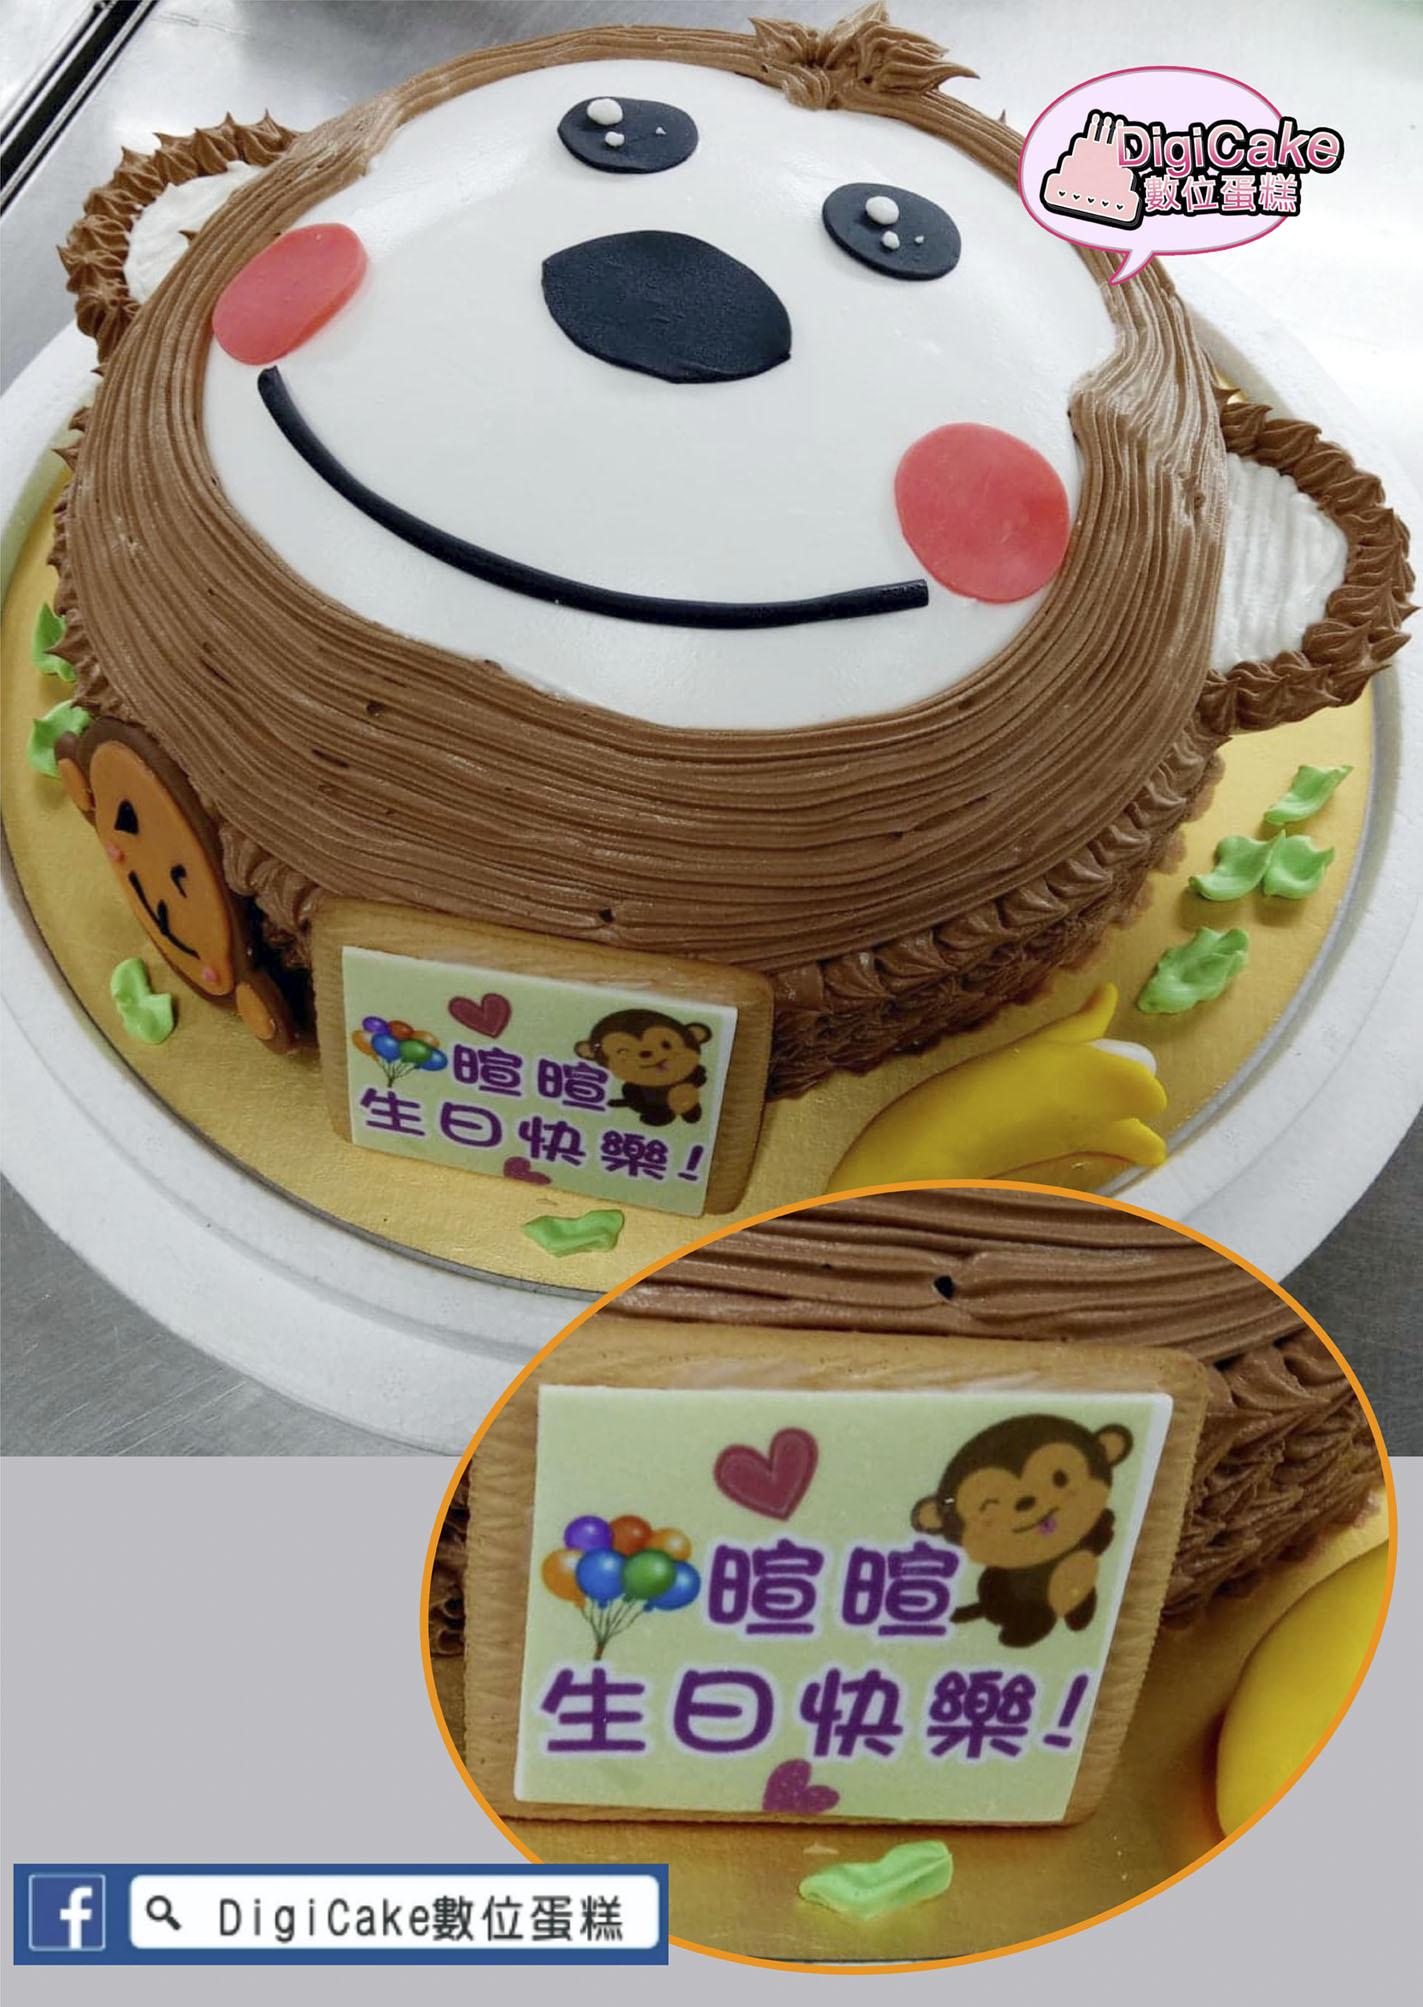 點此進入猴子臉造型蛋糕(含賀詞餅乾)的詳細資料!